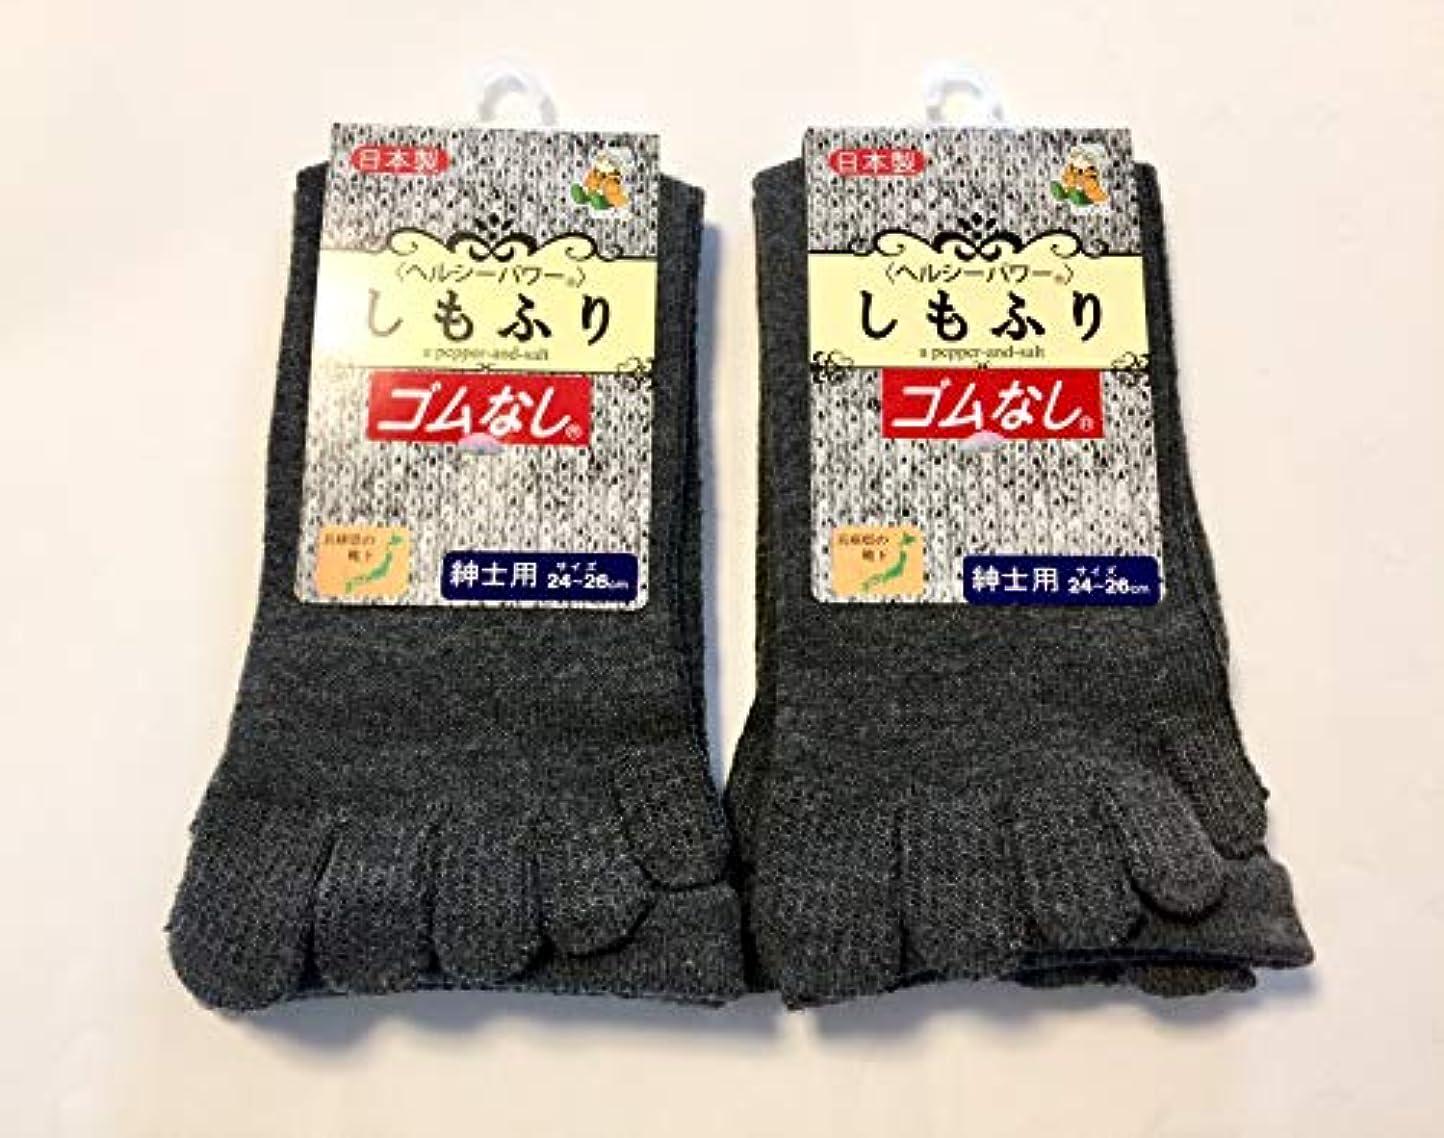 すべき骨市民日本製 5本指ソックス メンズ 口ゴムなし しめつけない靴下 24~26cm チャコール2足組